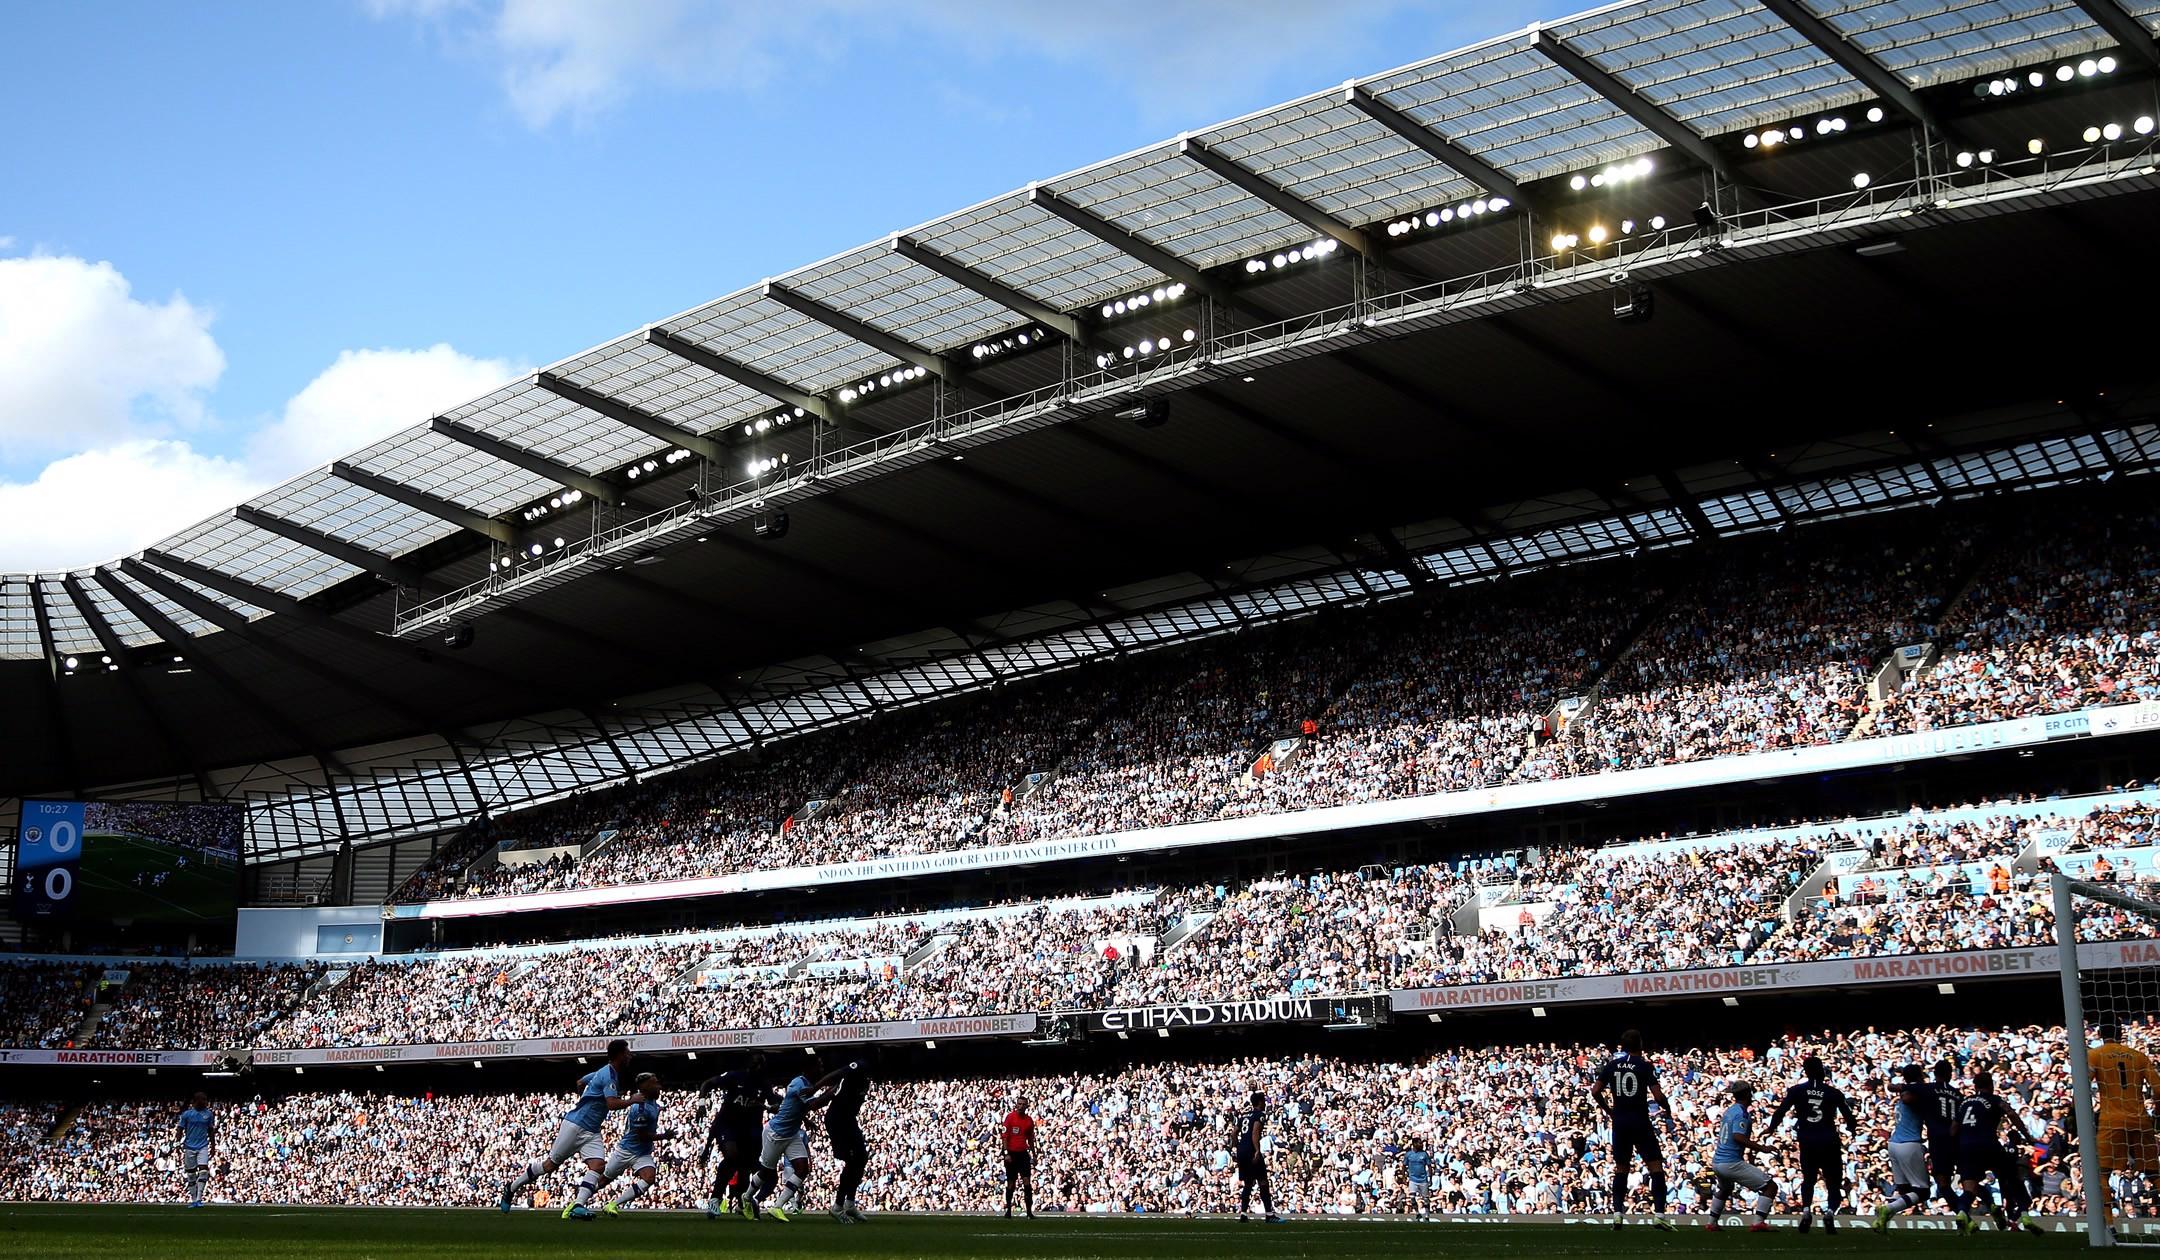 Cityzens Manchester City Fans